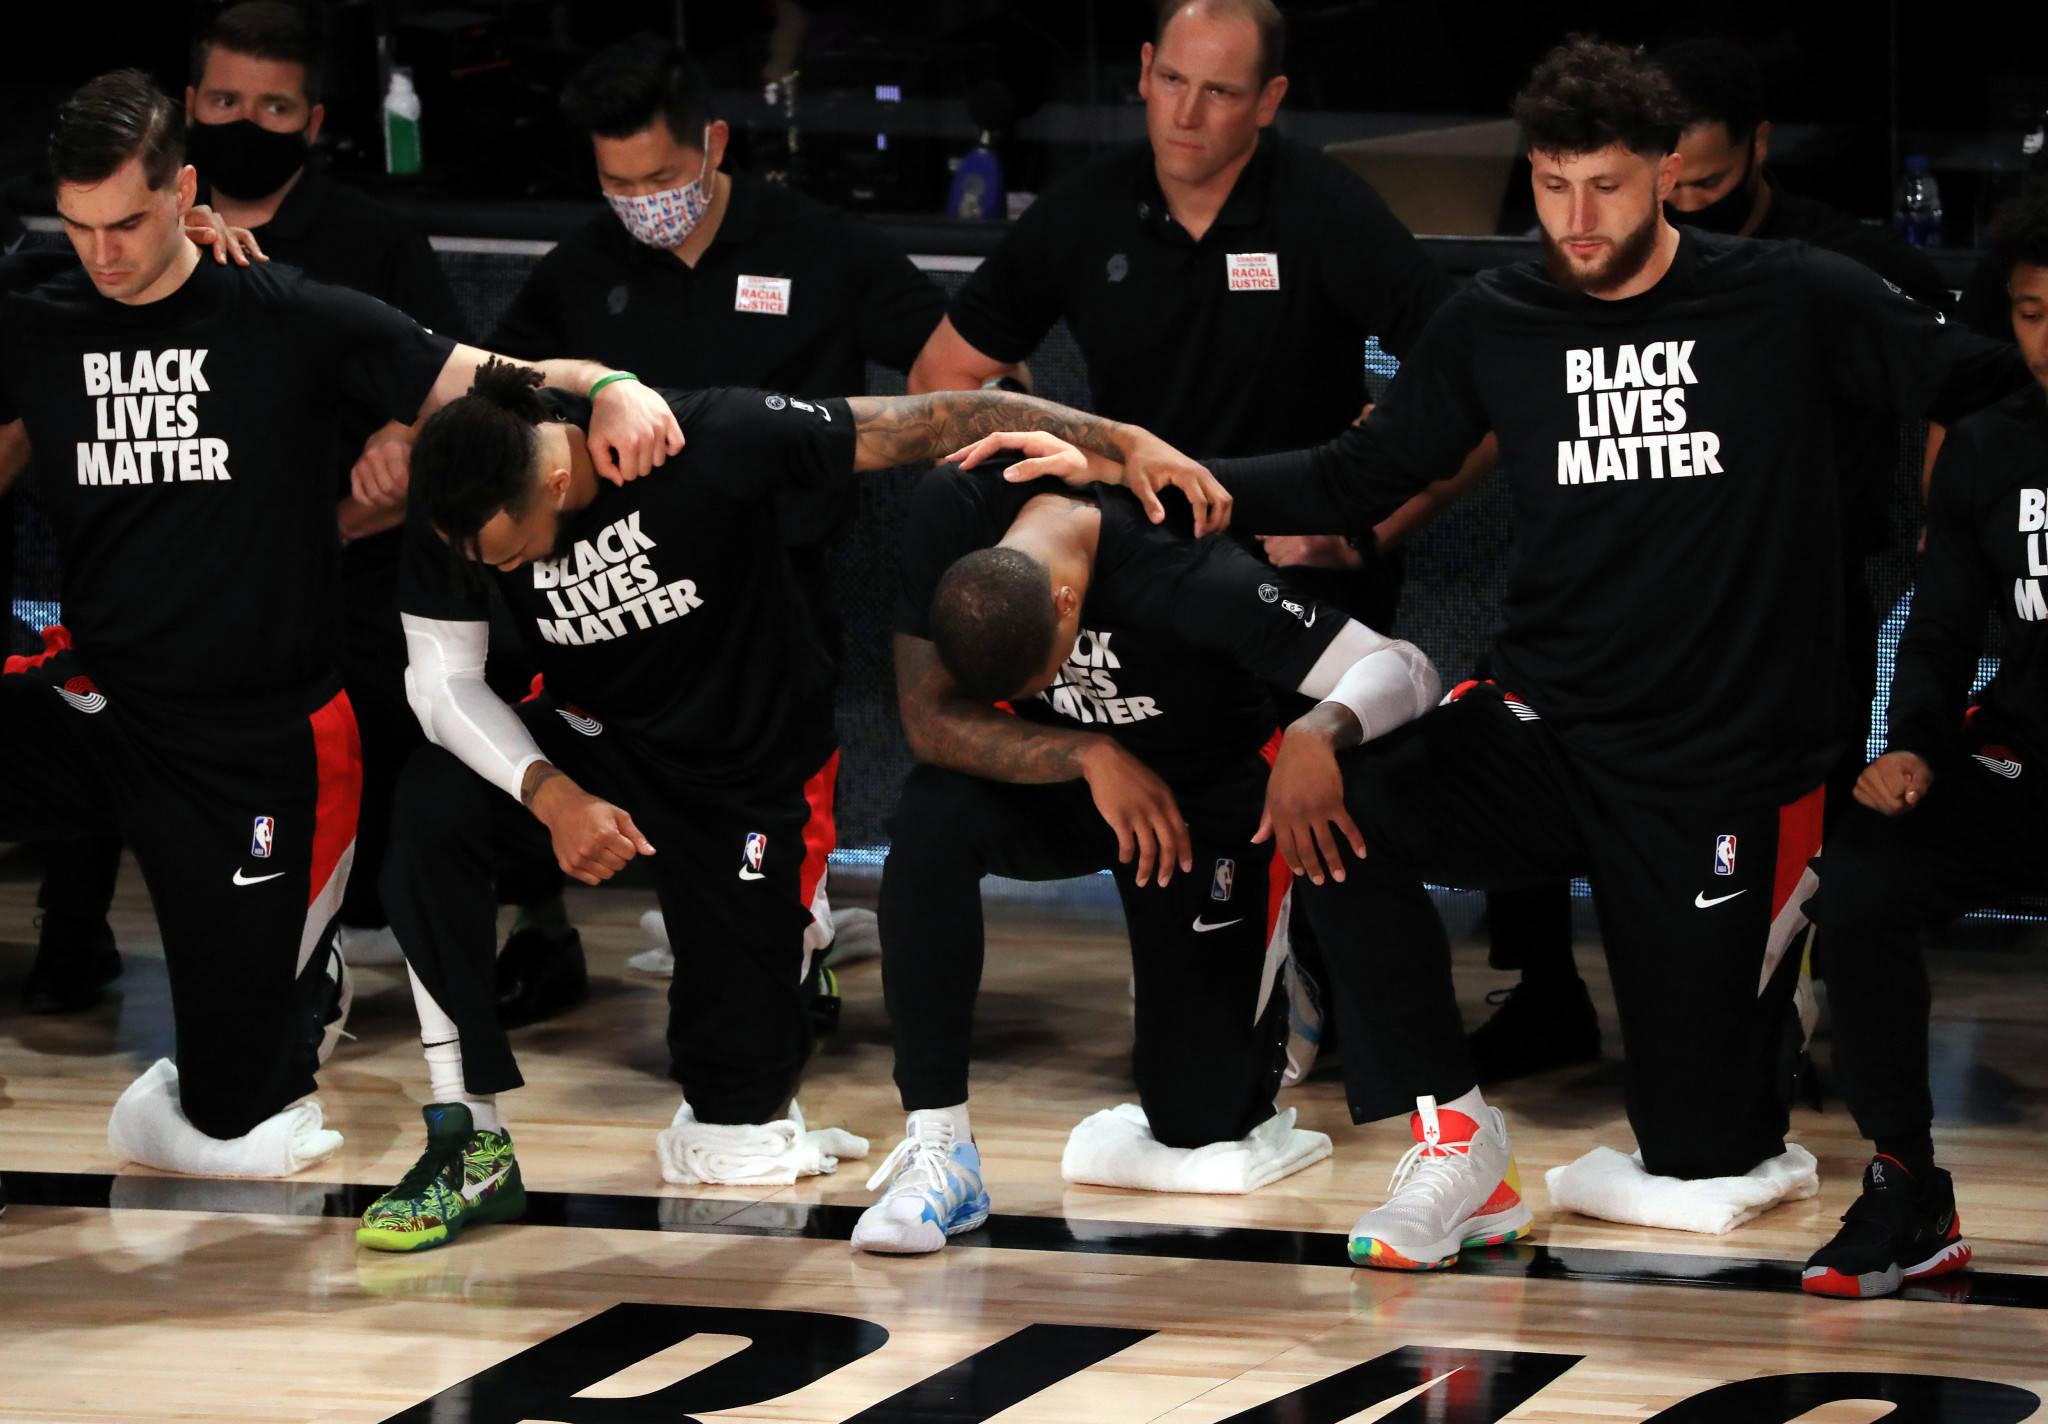 2028洛杉矶奥运会支撑黑人运动 建议废弃第50条